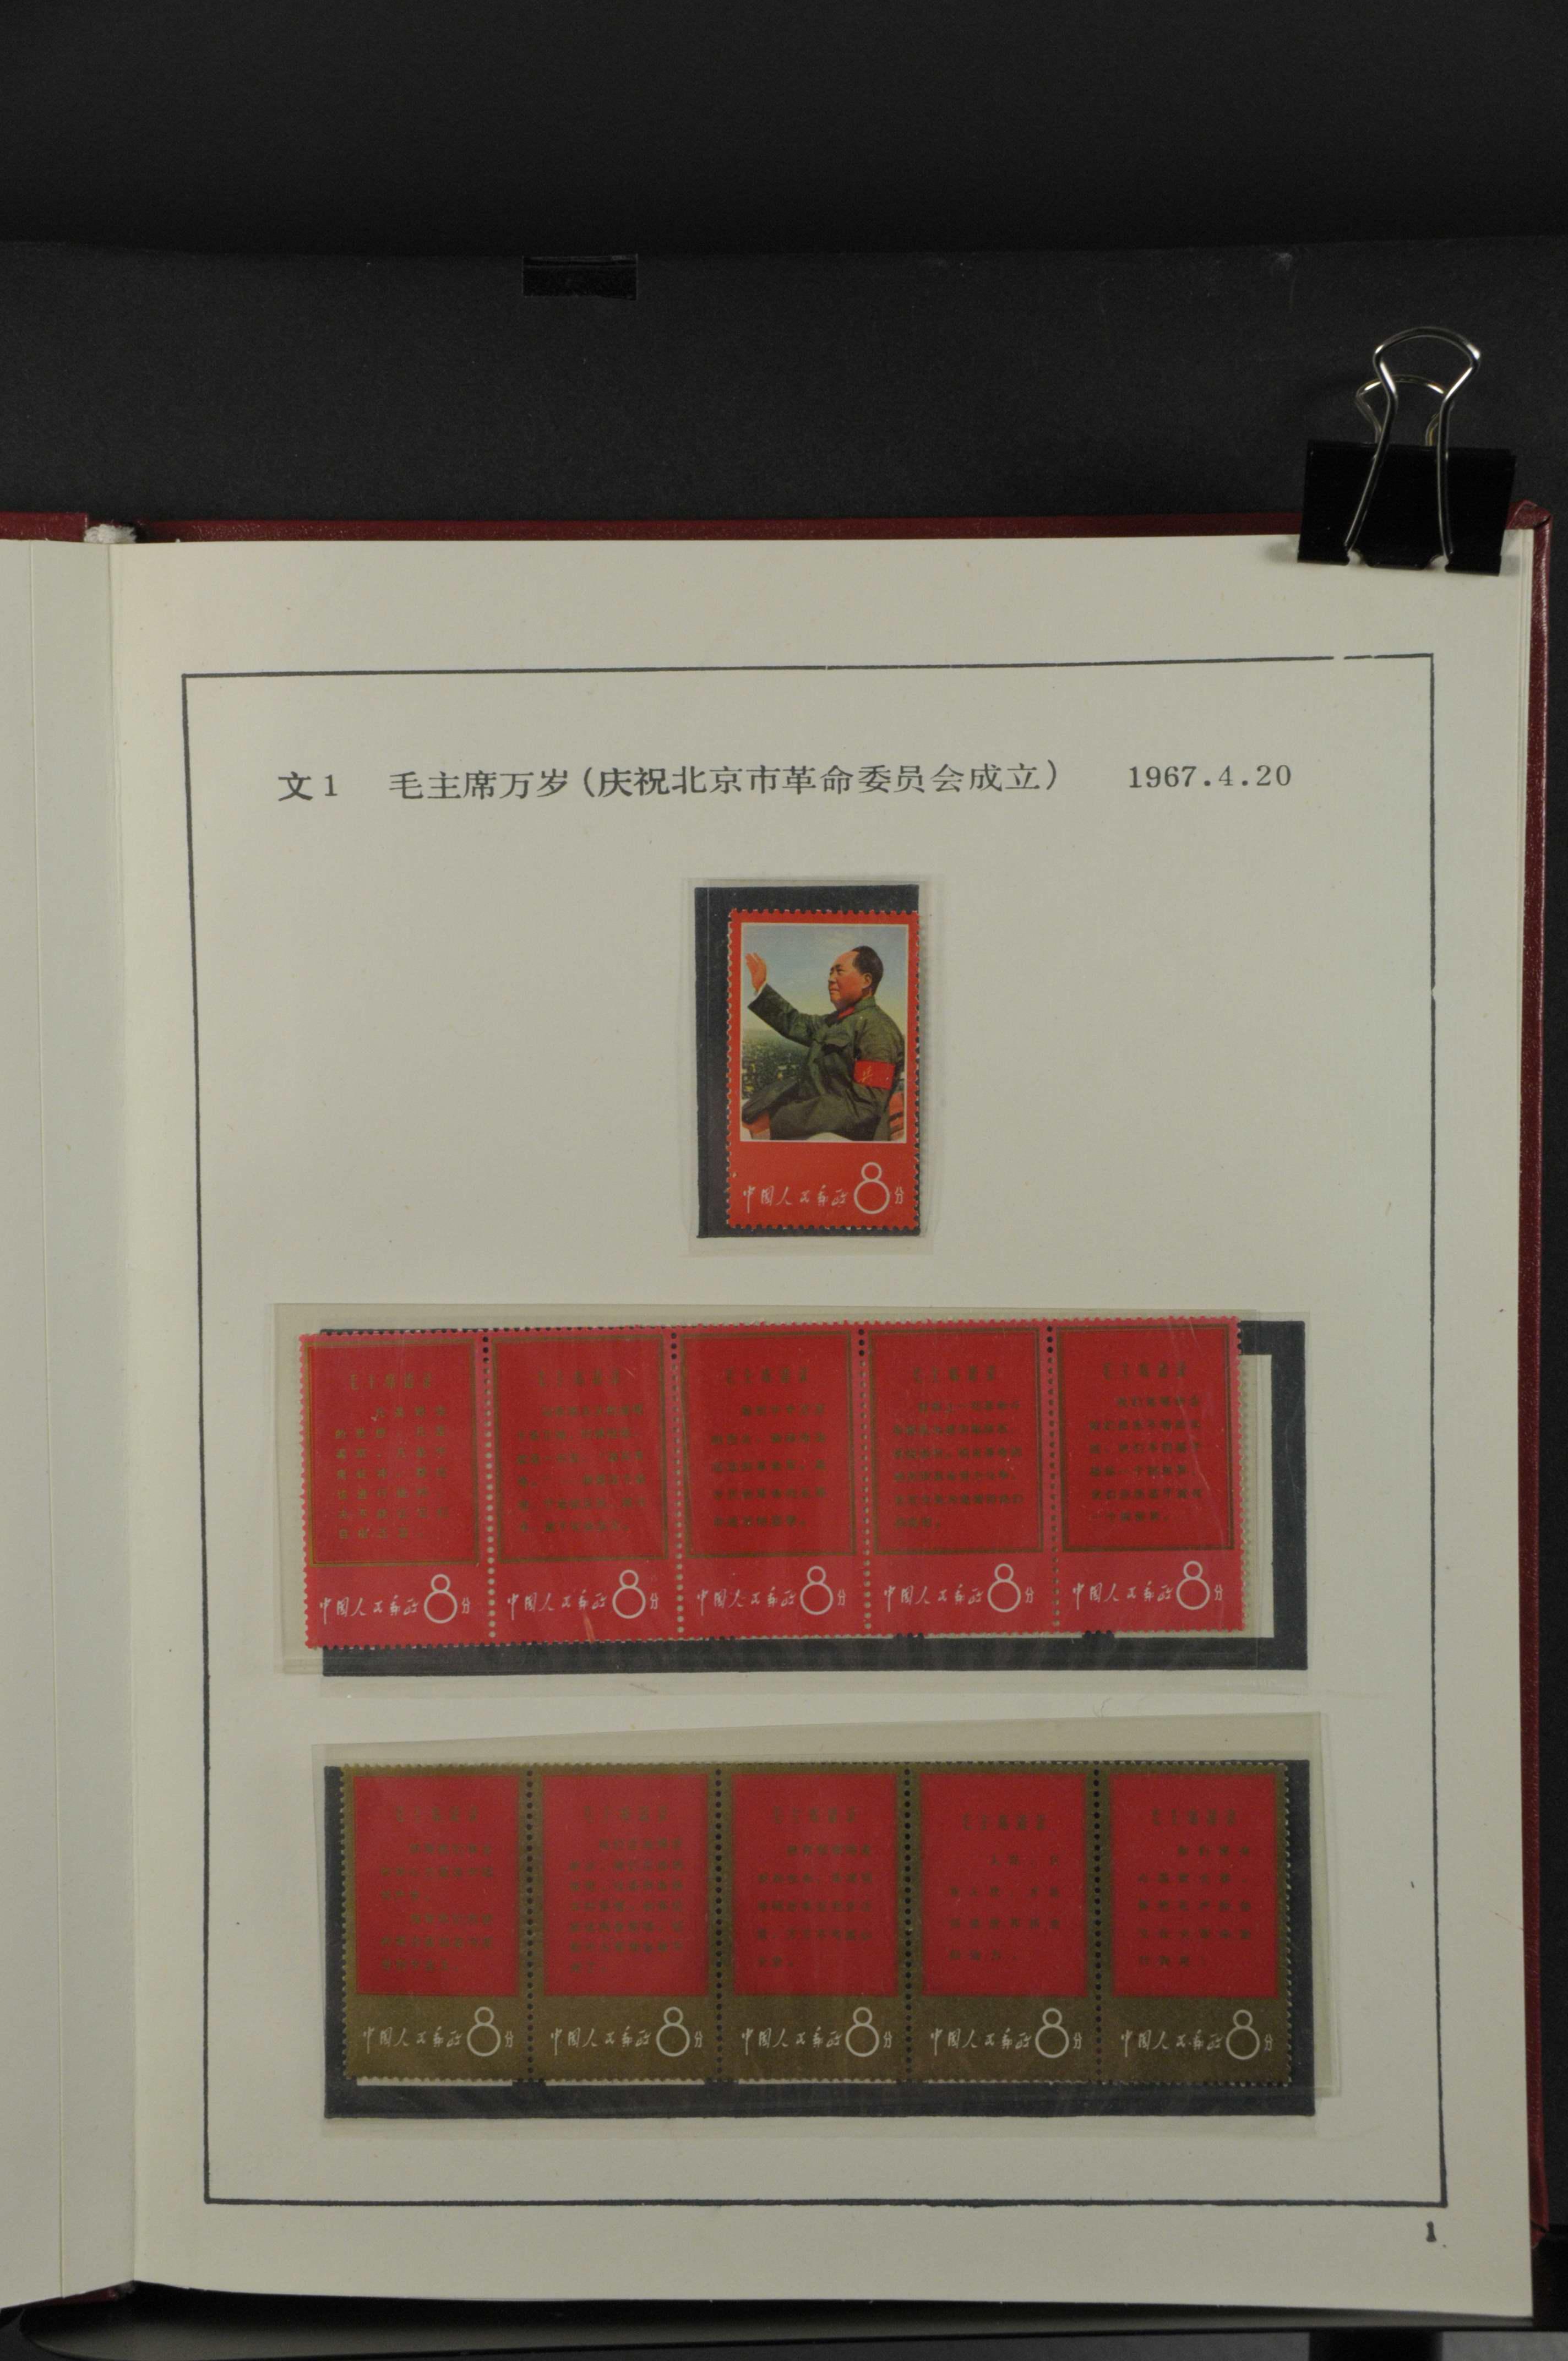 Lot 7432 - Übersee A-Z China - Volksrepublik (PRC) - Markenausgaben -  Auktionshaus Ulrich Felzmann GmbH & Co. KG